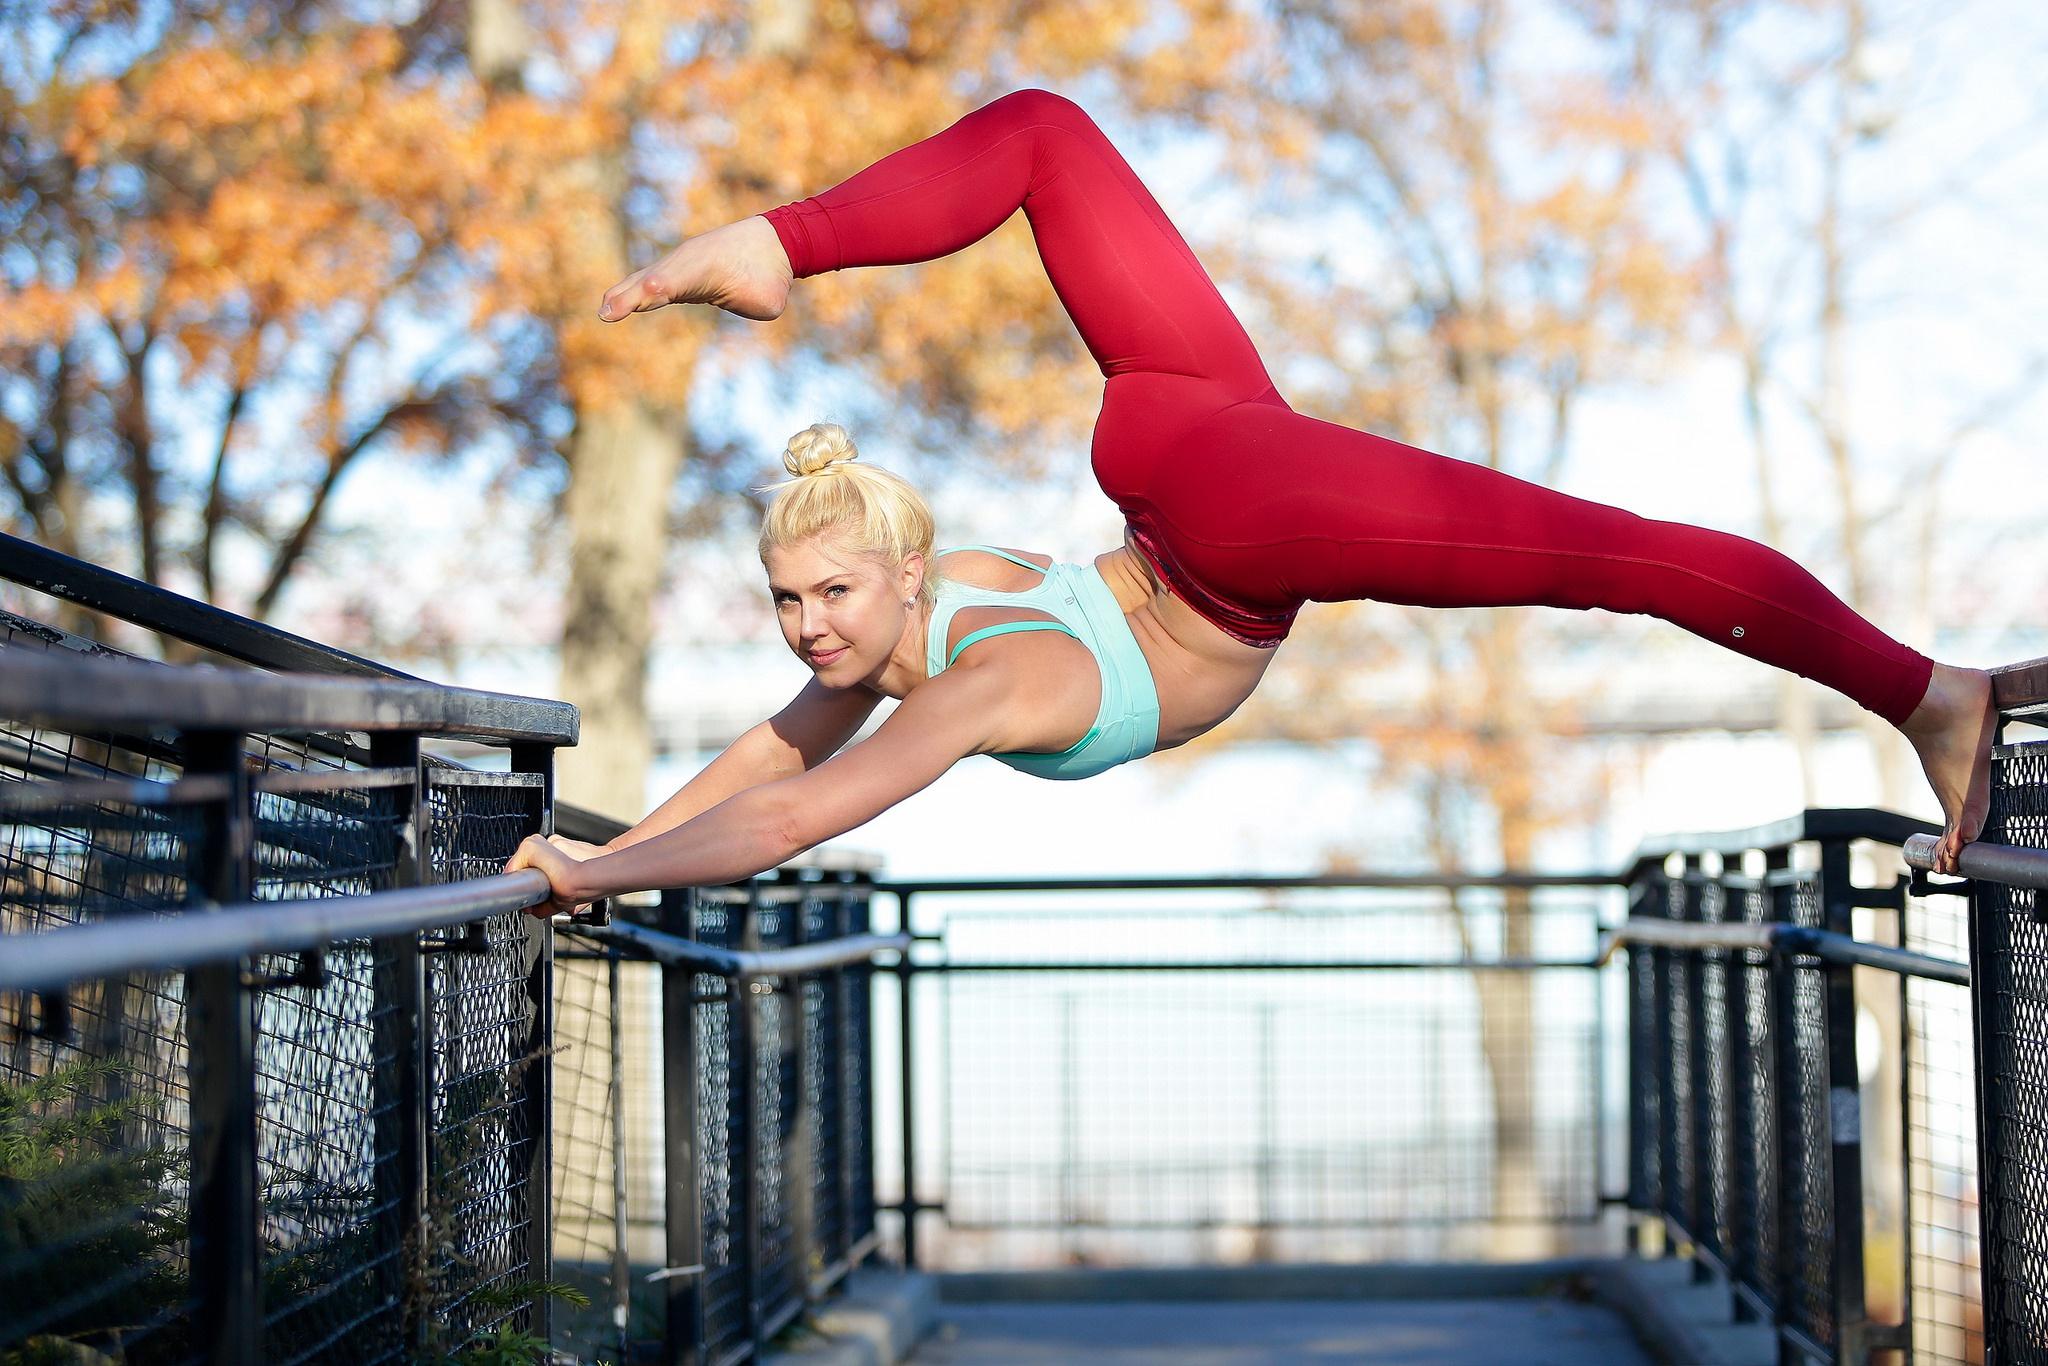 избежать спортсменки гимнастки фото растяжка самое